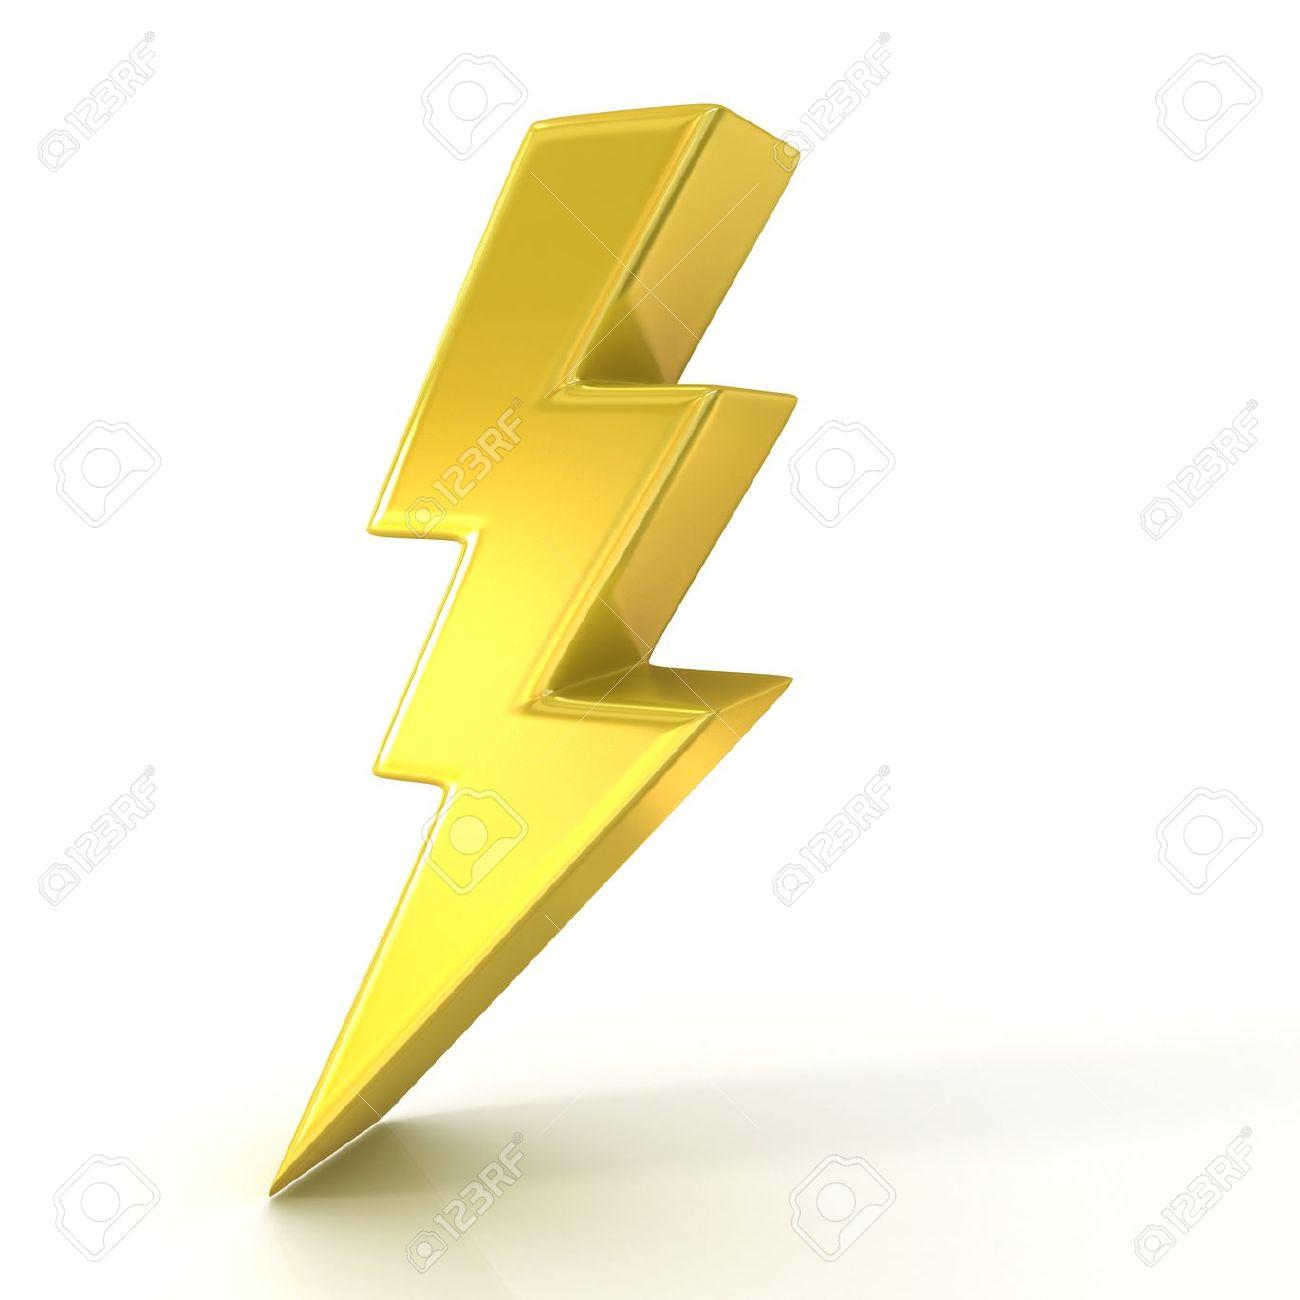 Golden Lightning Bolt